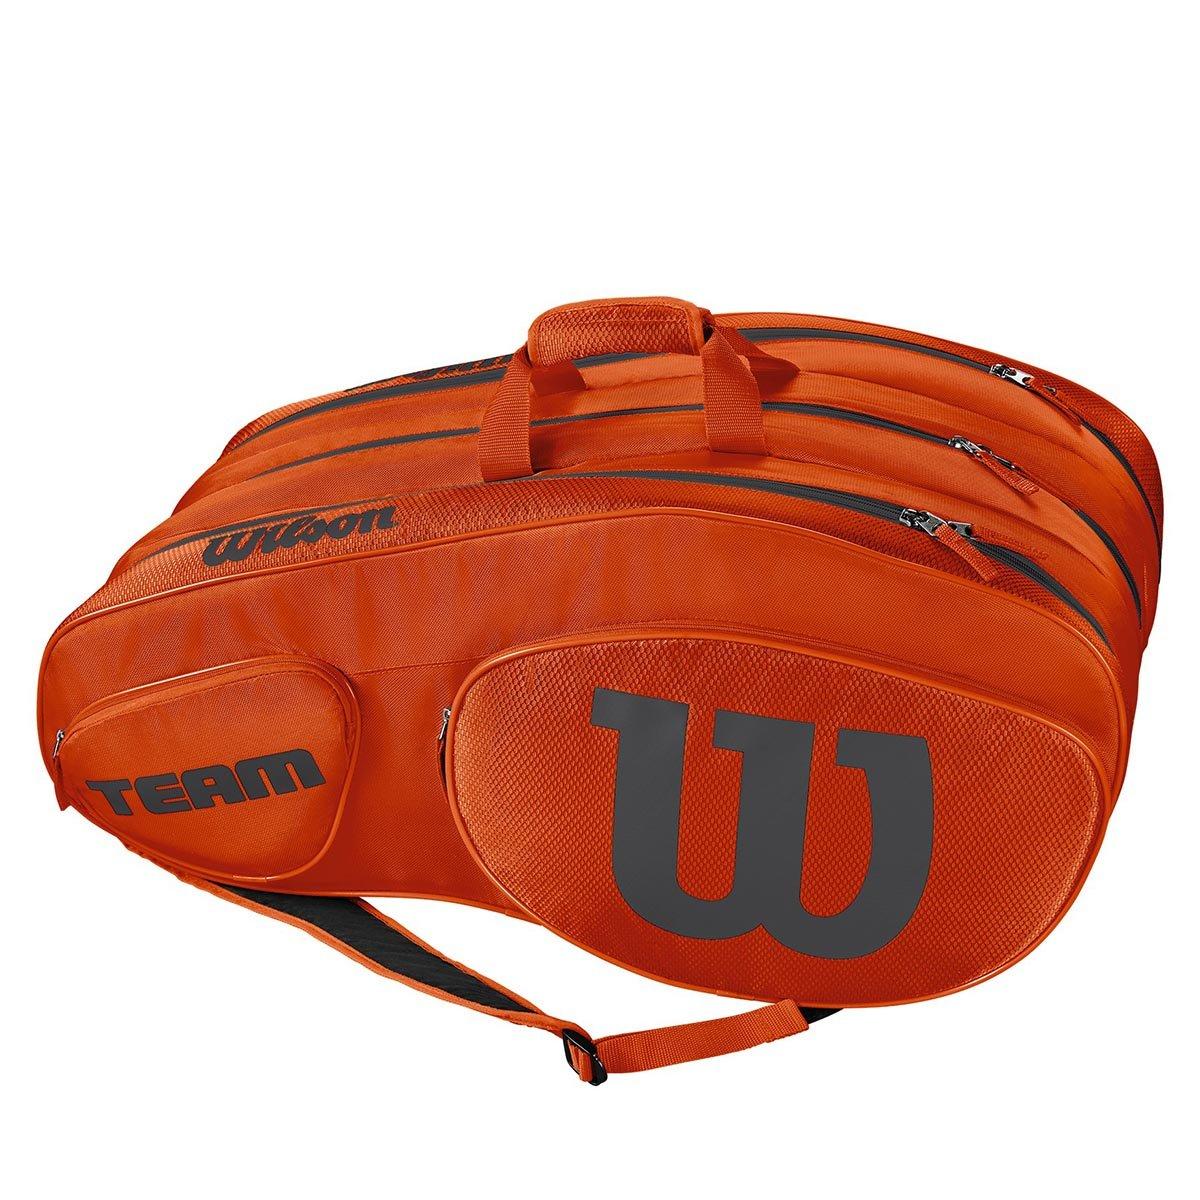 a78b7419dac Buy Wilson Team III 12 Pack Tennis Kit Bag (Orange/Grey) Online